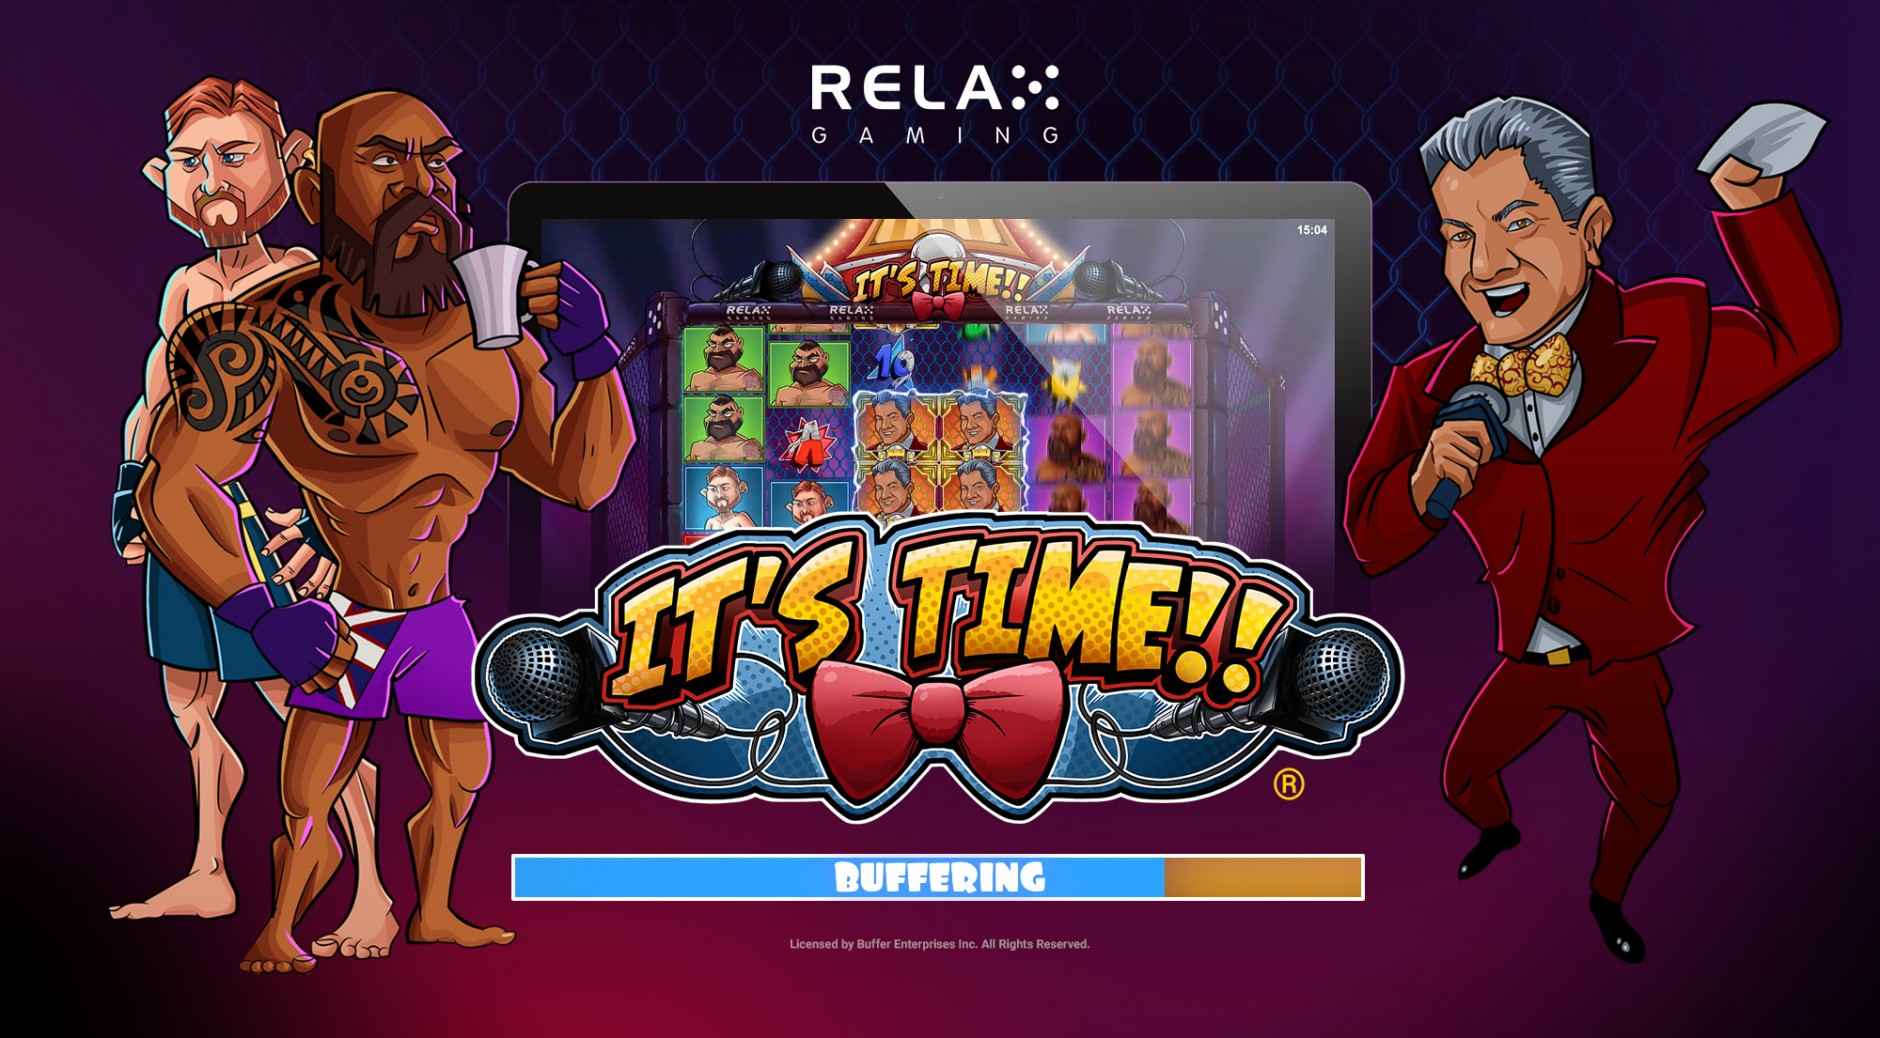 Официальное казино Вулкан, игровой автомат IT'S TIME, азартные игры, играть на деньги, игровые слоты, Брюс Баффер, MMA, UFC, Relax Gaming